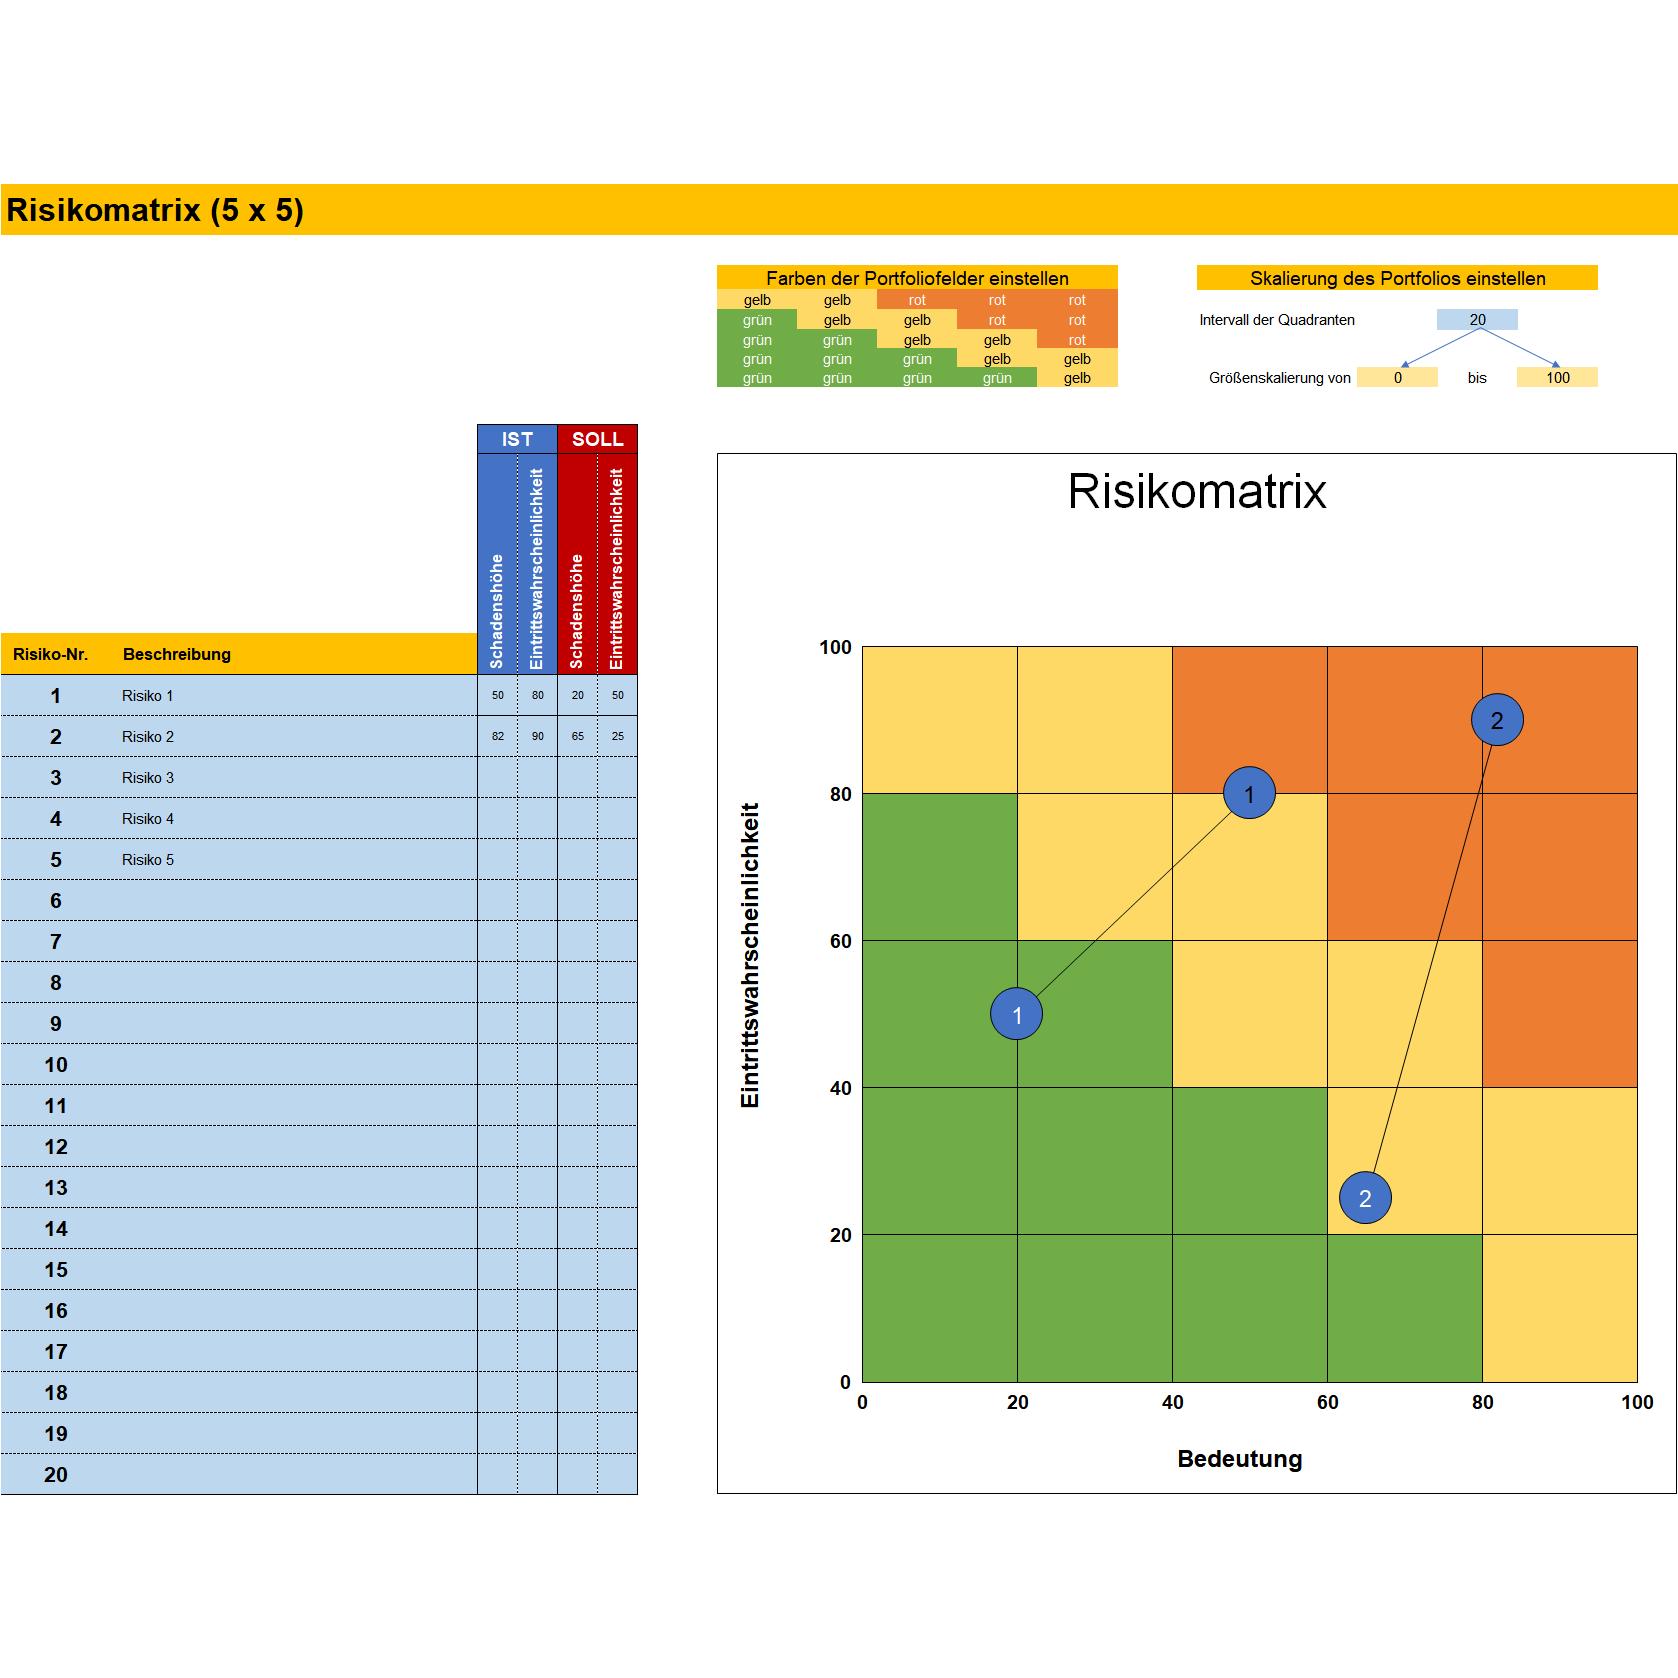 Risikomatrix Mit 5x5 Felder Diagramm Fur Schadenshohe Und Eintrittswahrscheinlichkeit Excel Tabelle Business Wissen De